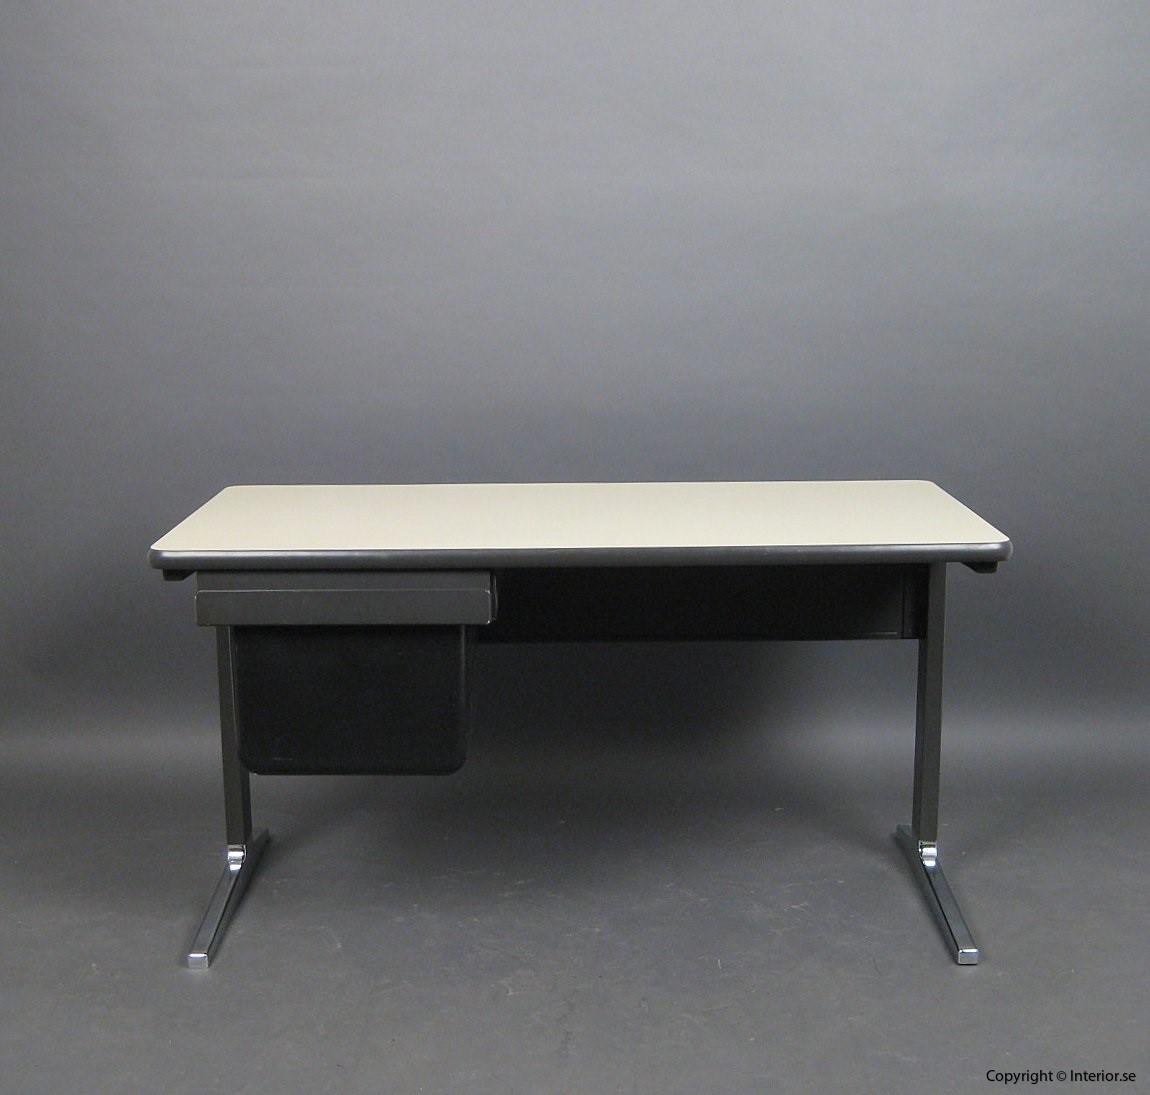 1 Herman Miller George Nelson Action Office Skrivbord Desk Designmöbler design furniture (2)